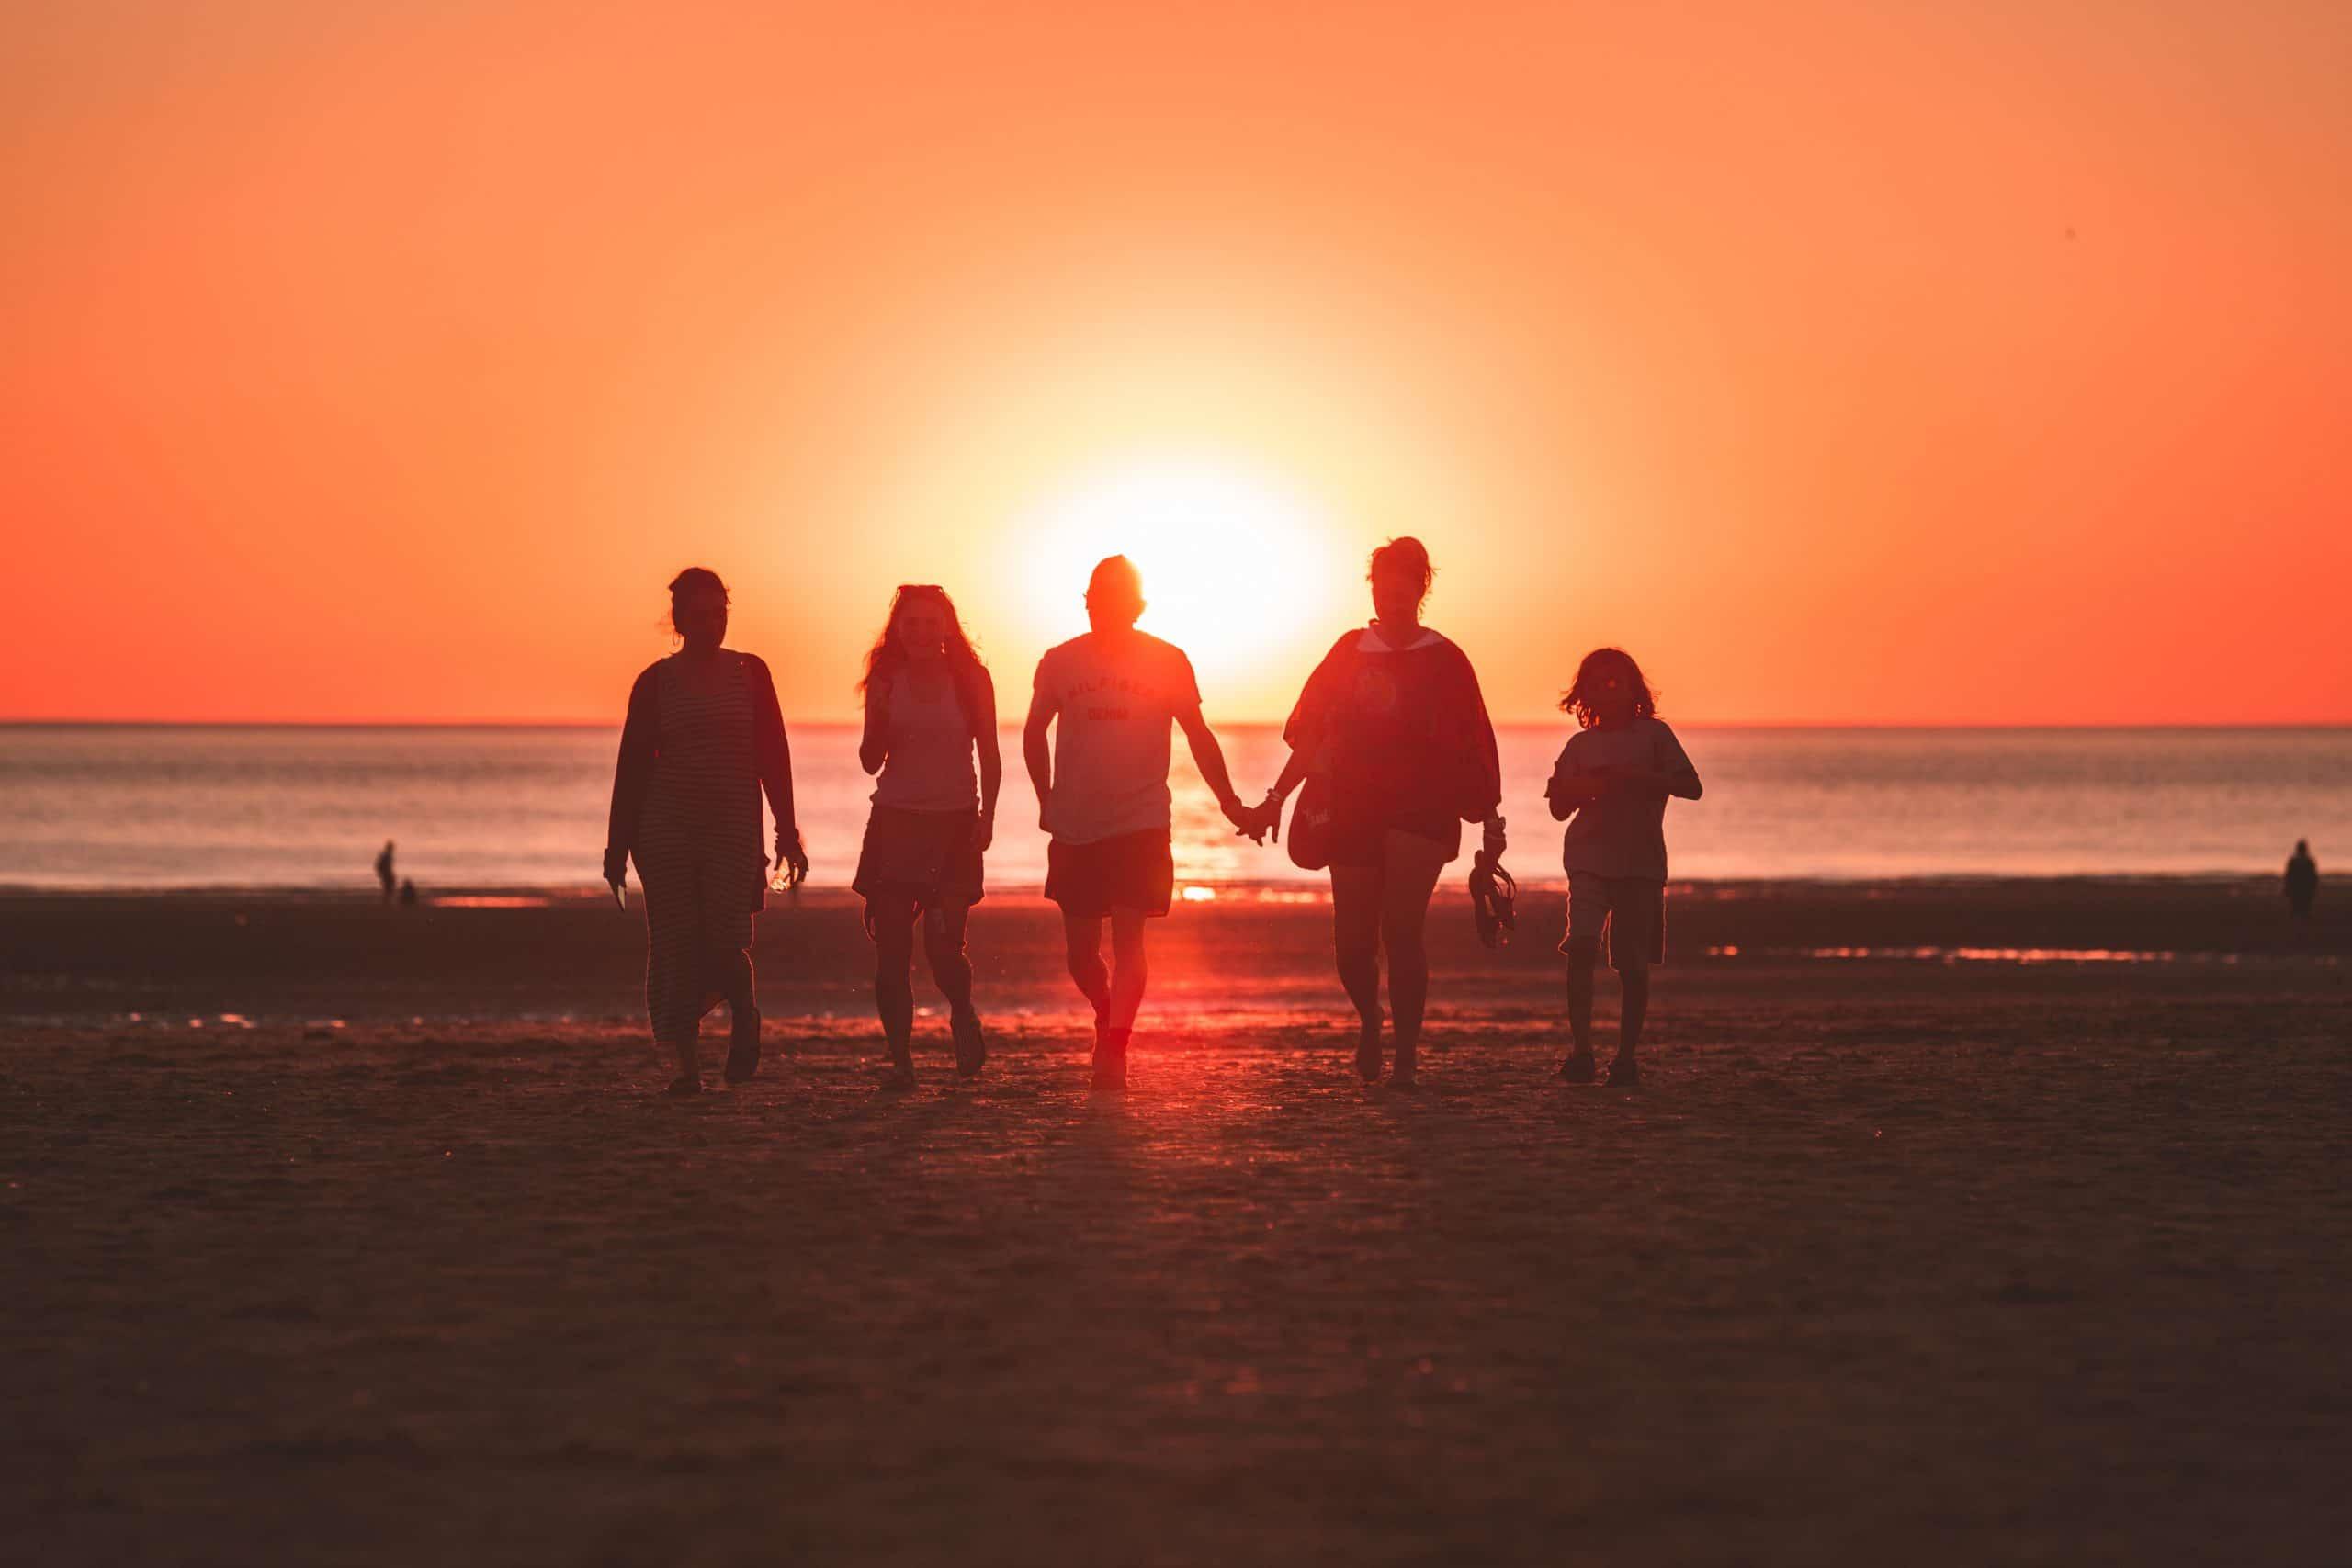 Silhueta de família voltando do mar com pôr-do-sol de fundo